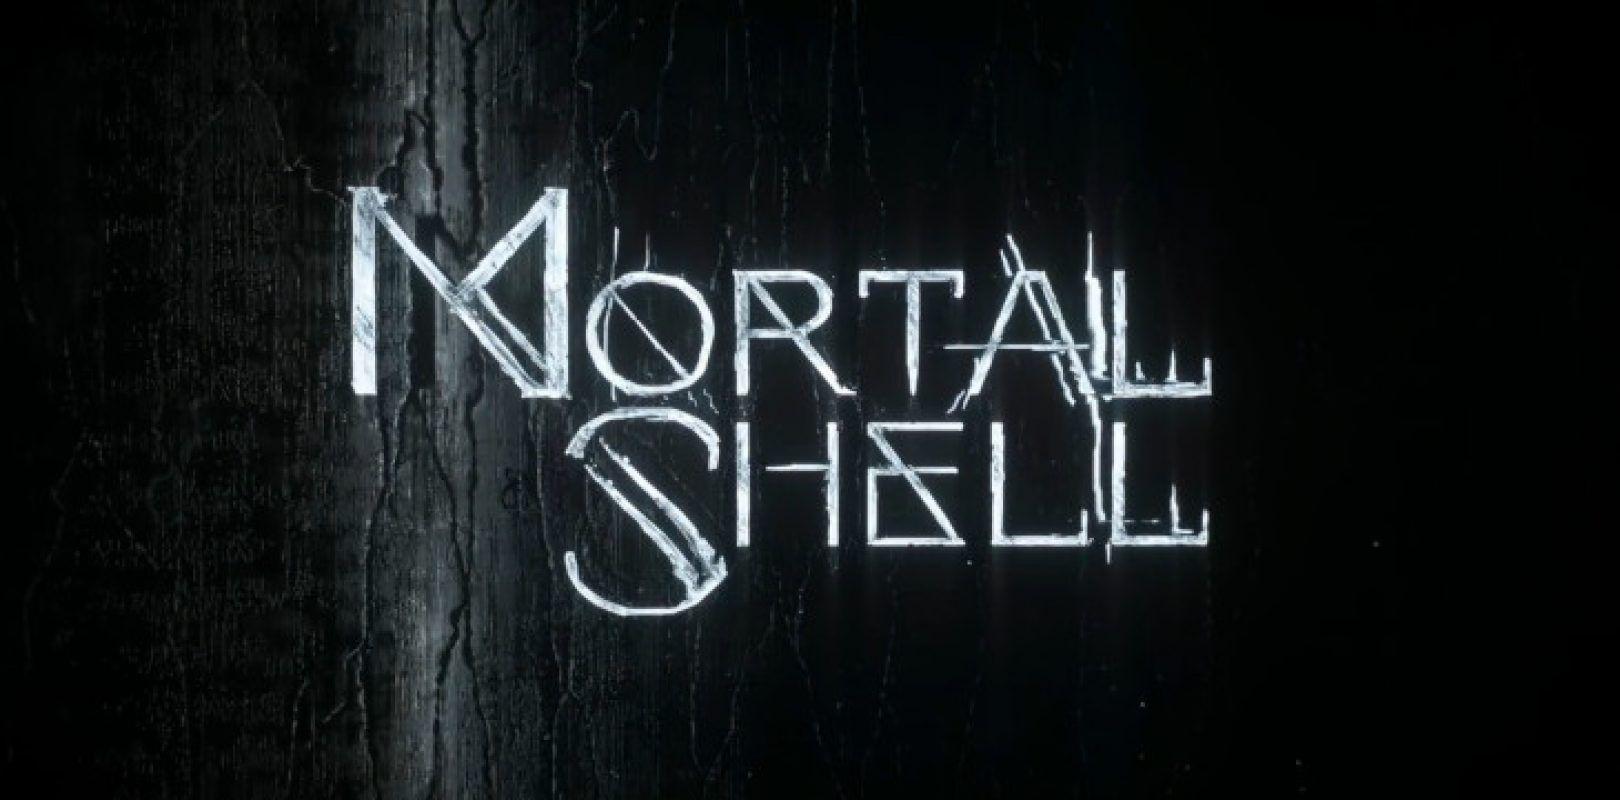 Mortal Shell Wallpaper